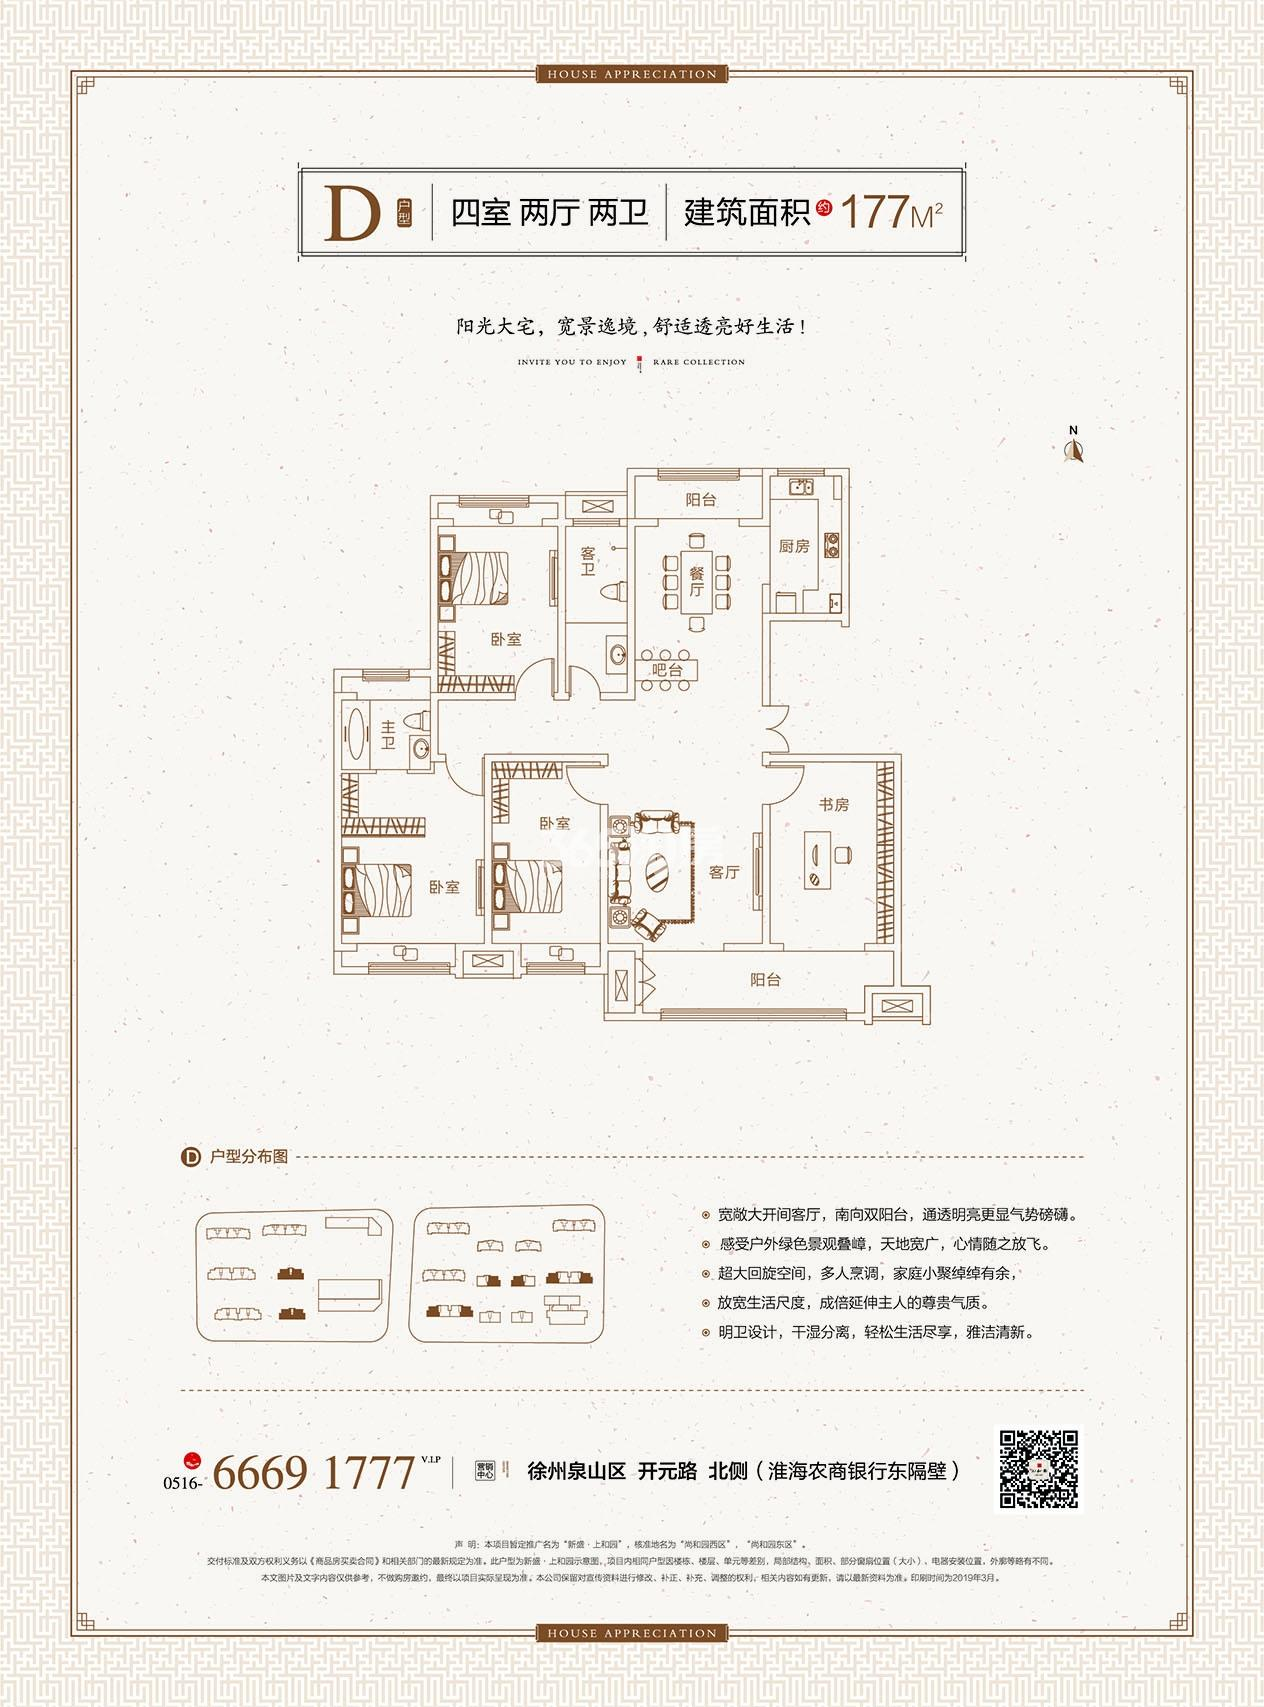 新盛上和园D户型177㎡四室两厅两卫